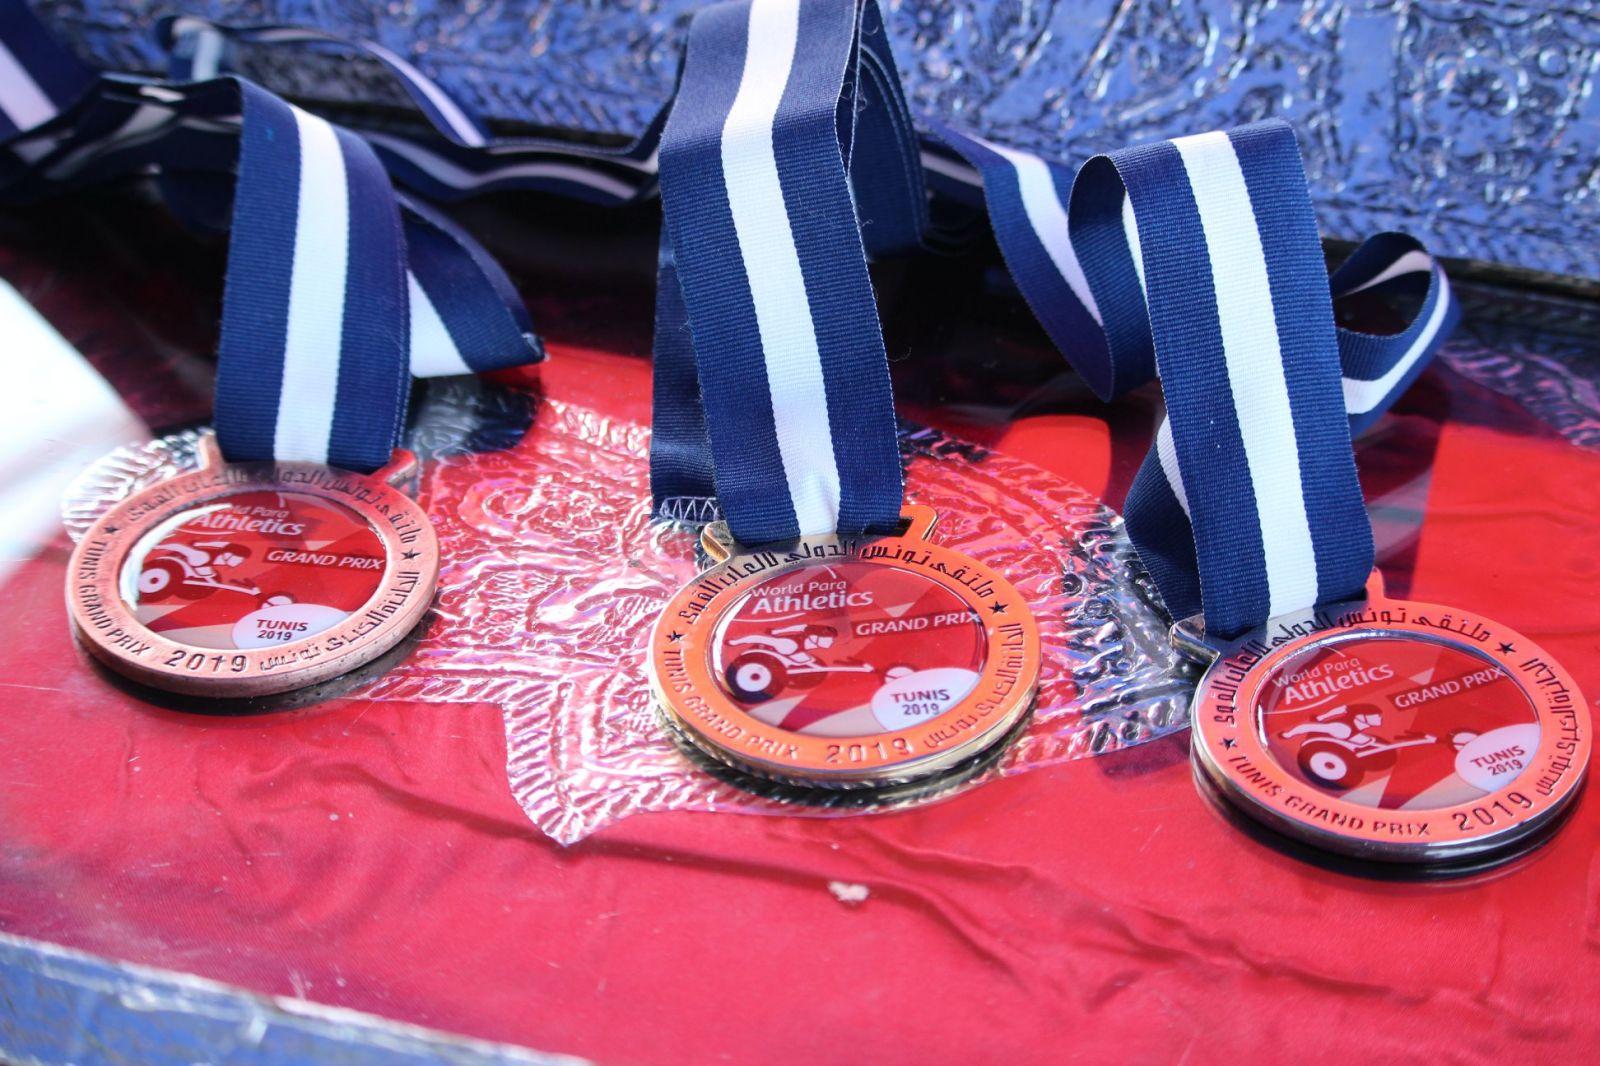 Сборная команда России по легкой атлетике спорта лиц с ПОДА завоевала 14 медалей на этапе гран-при МПК в Тунисе